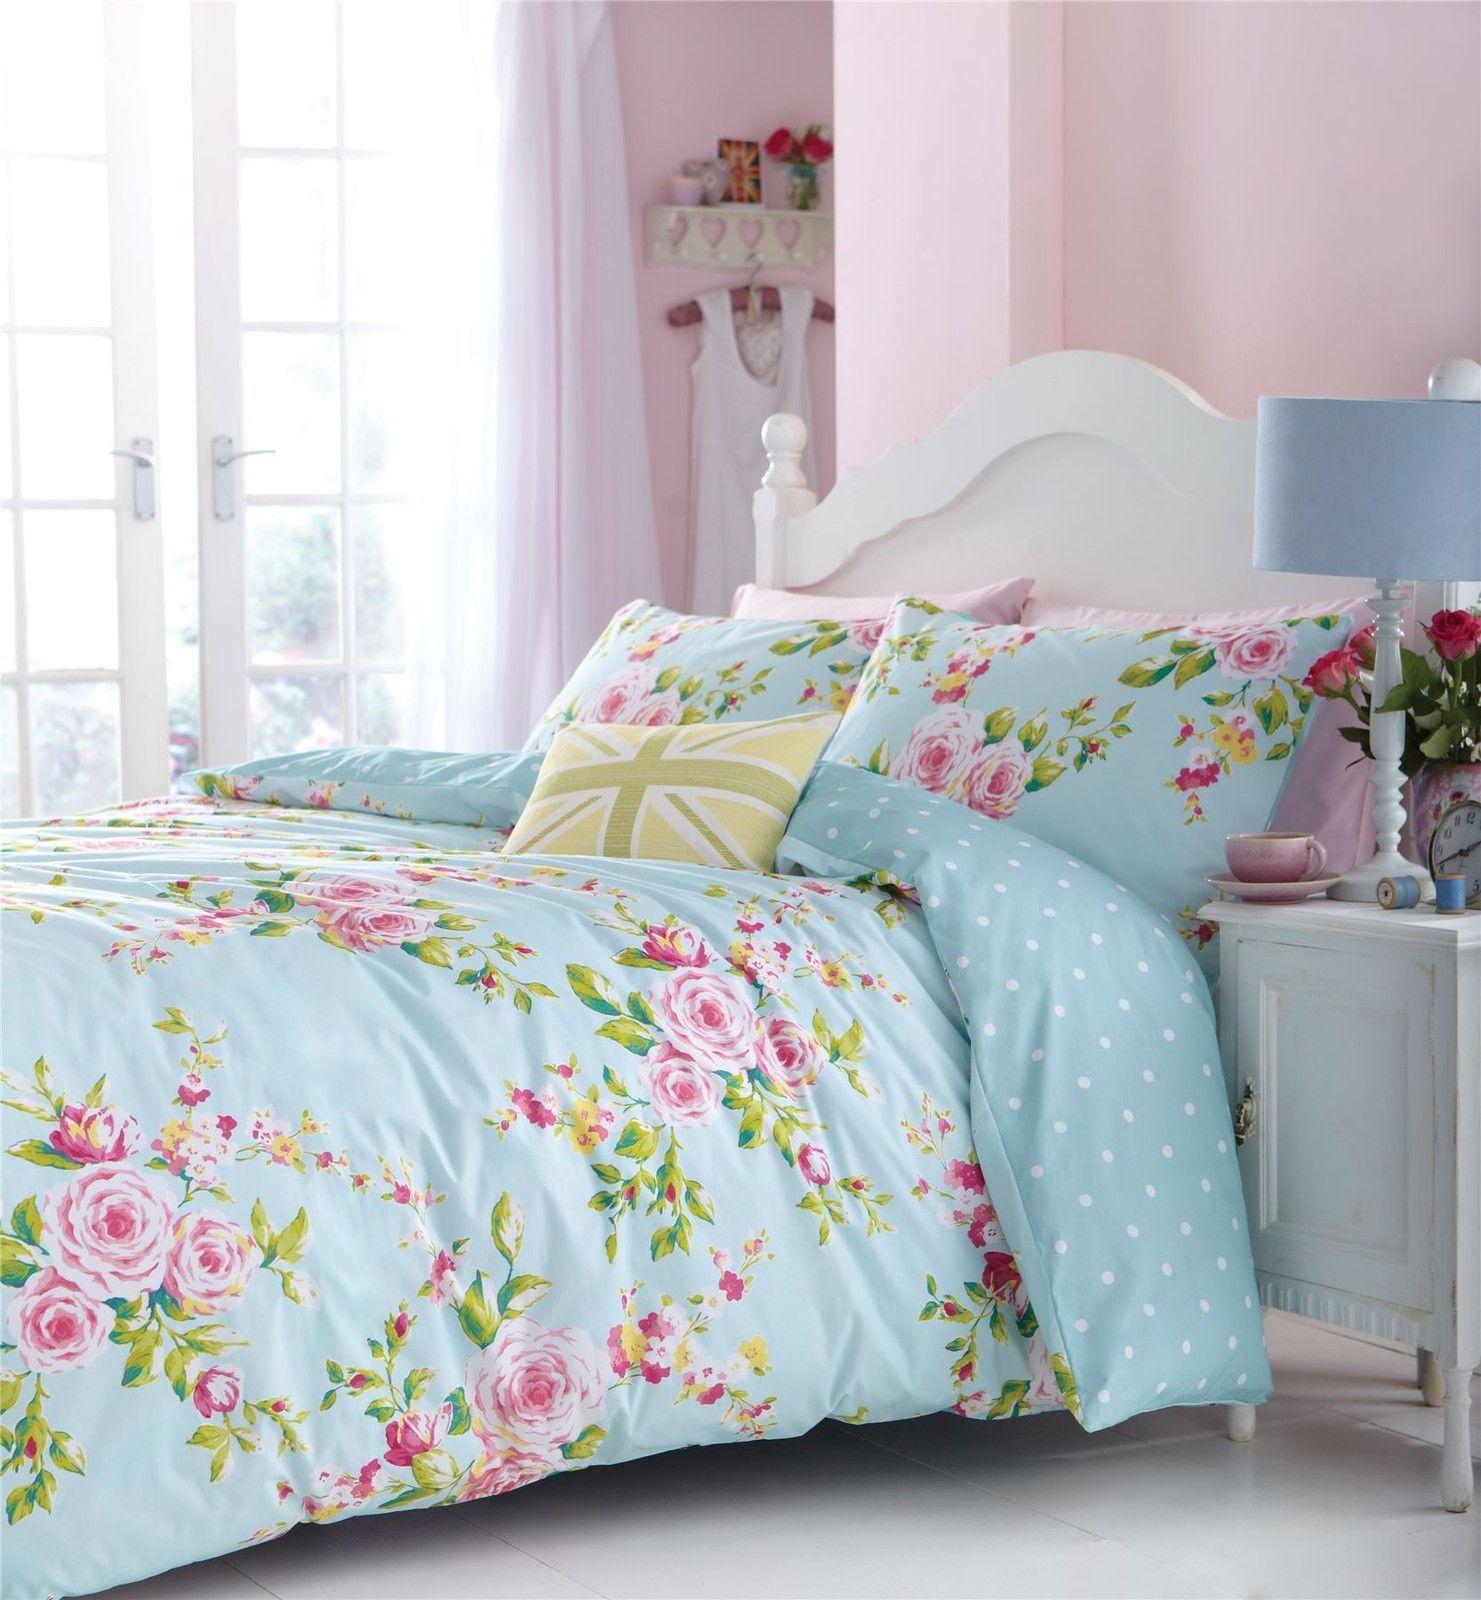 Pink Blue Rose Floral Printed Cotton Blend Single Reversible Duvet Set  #ebay #Home U0026 Garden